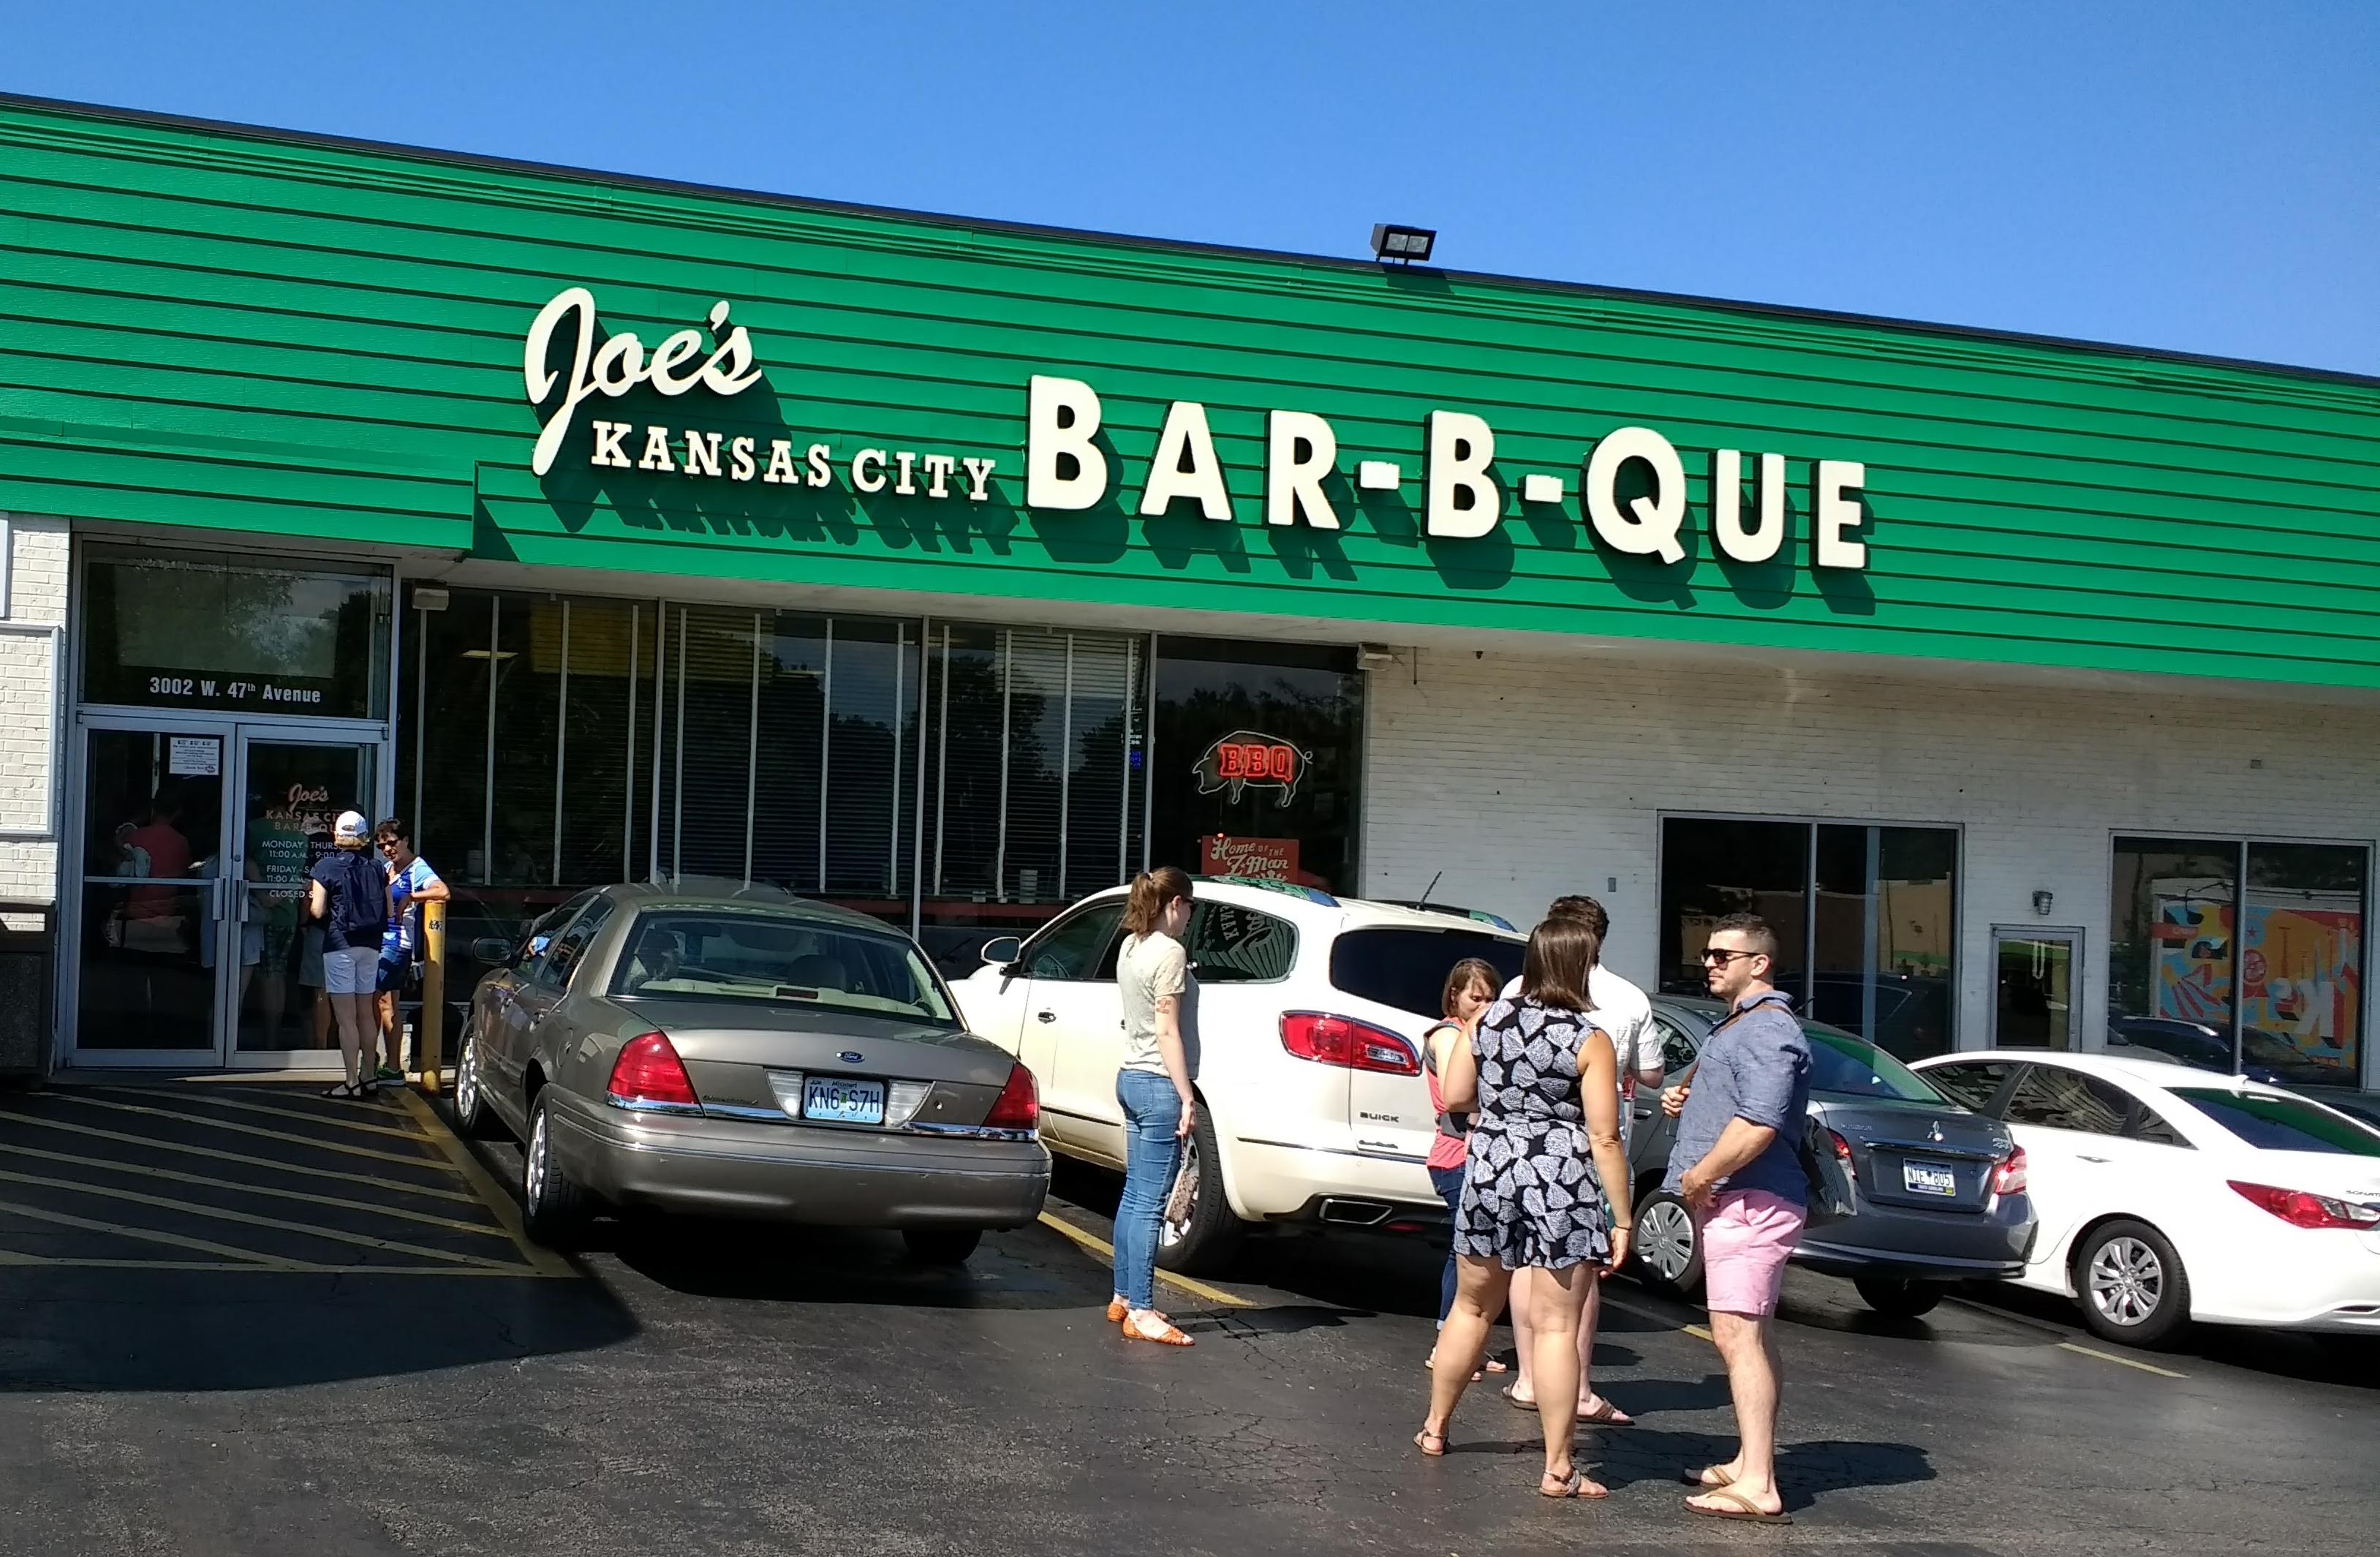 Joes Kansas City Bar-B-Que.png